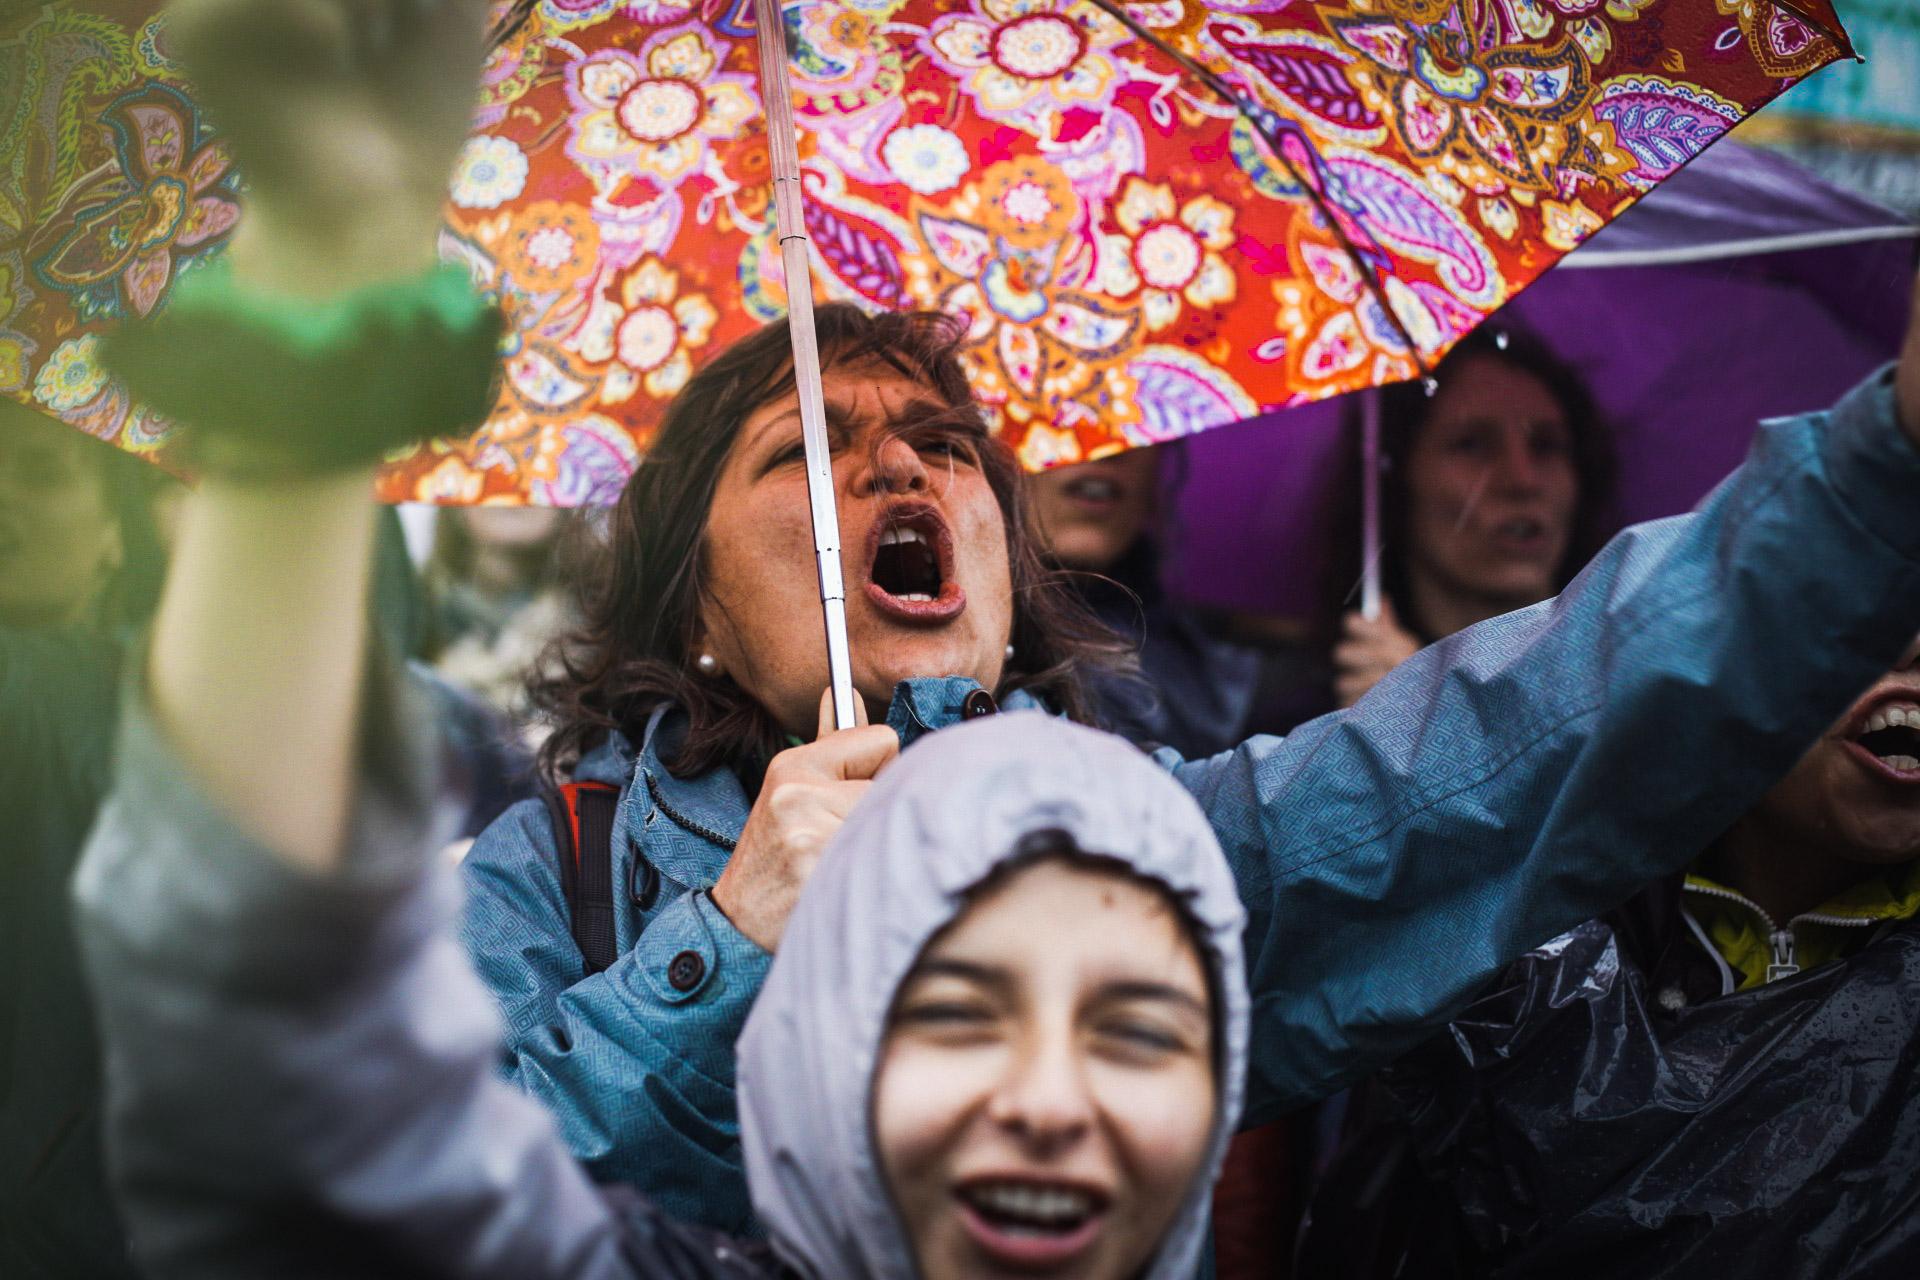 La primera jornada del ENM se vio atravesada por intensas precipitaciones